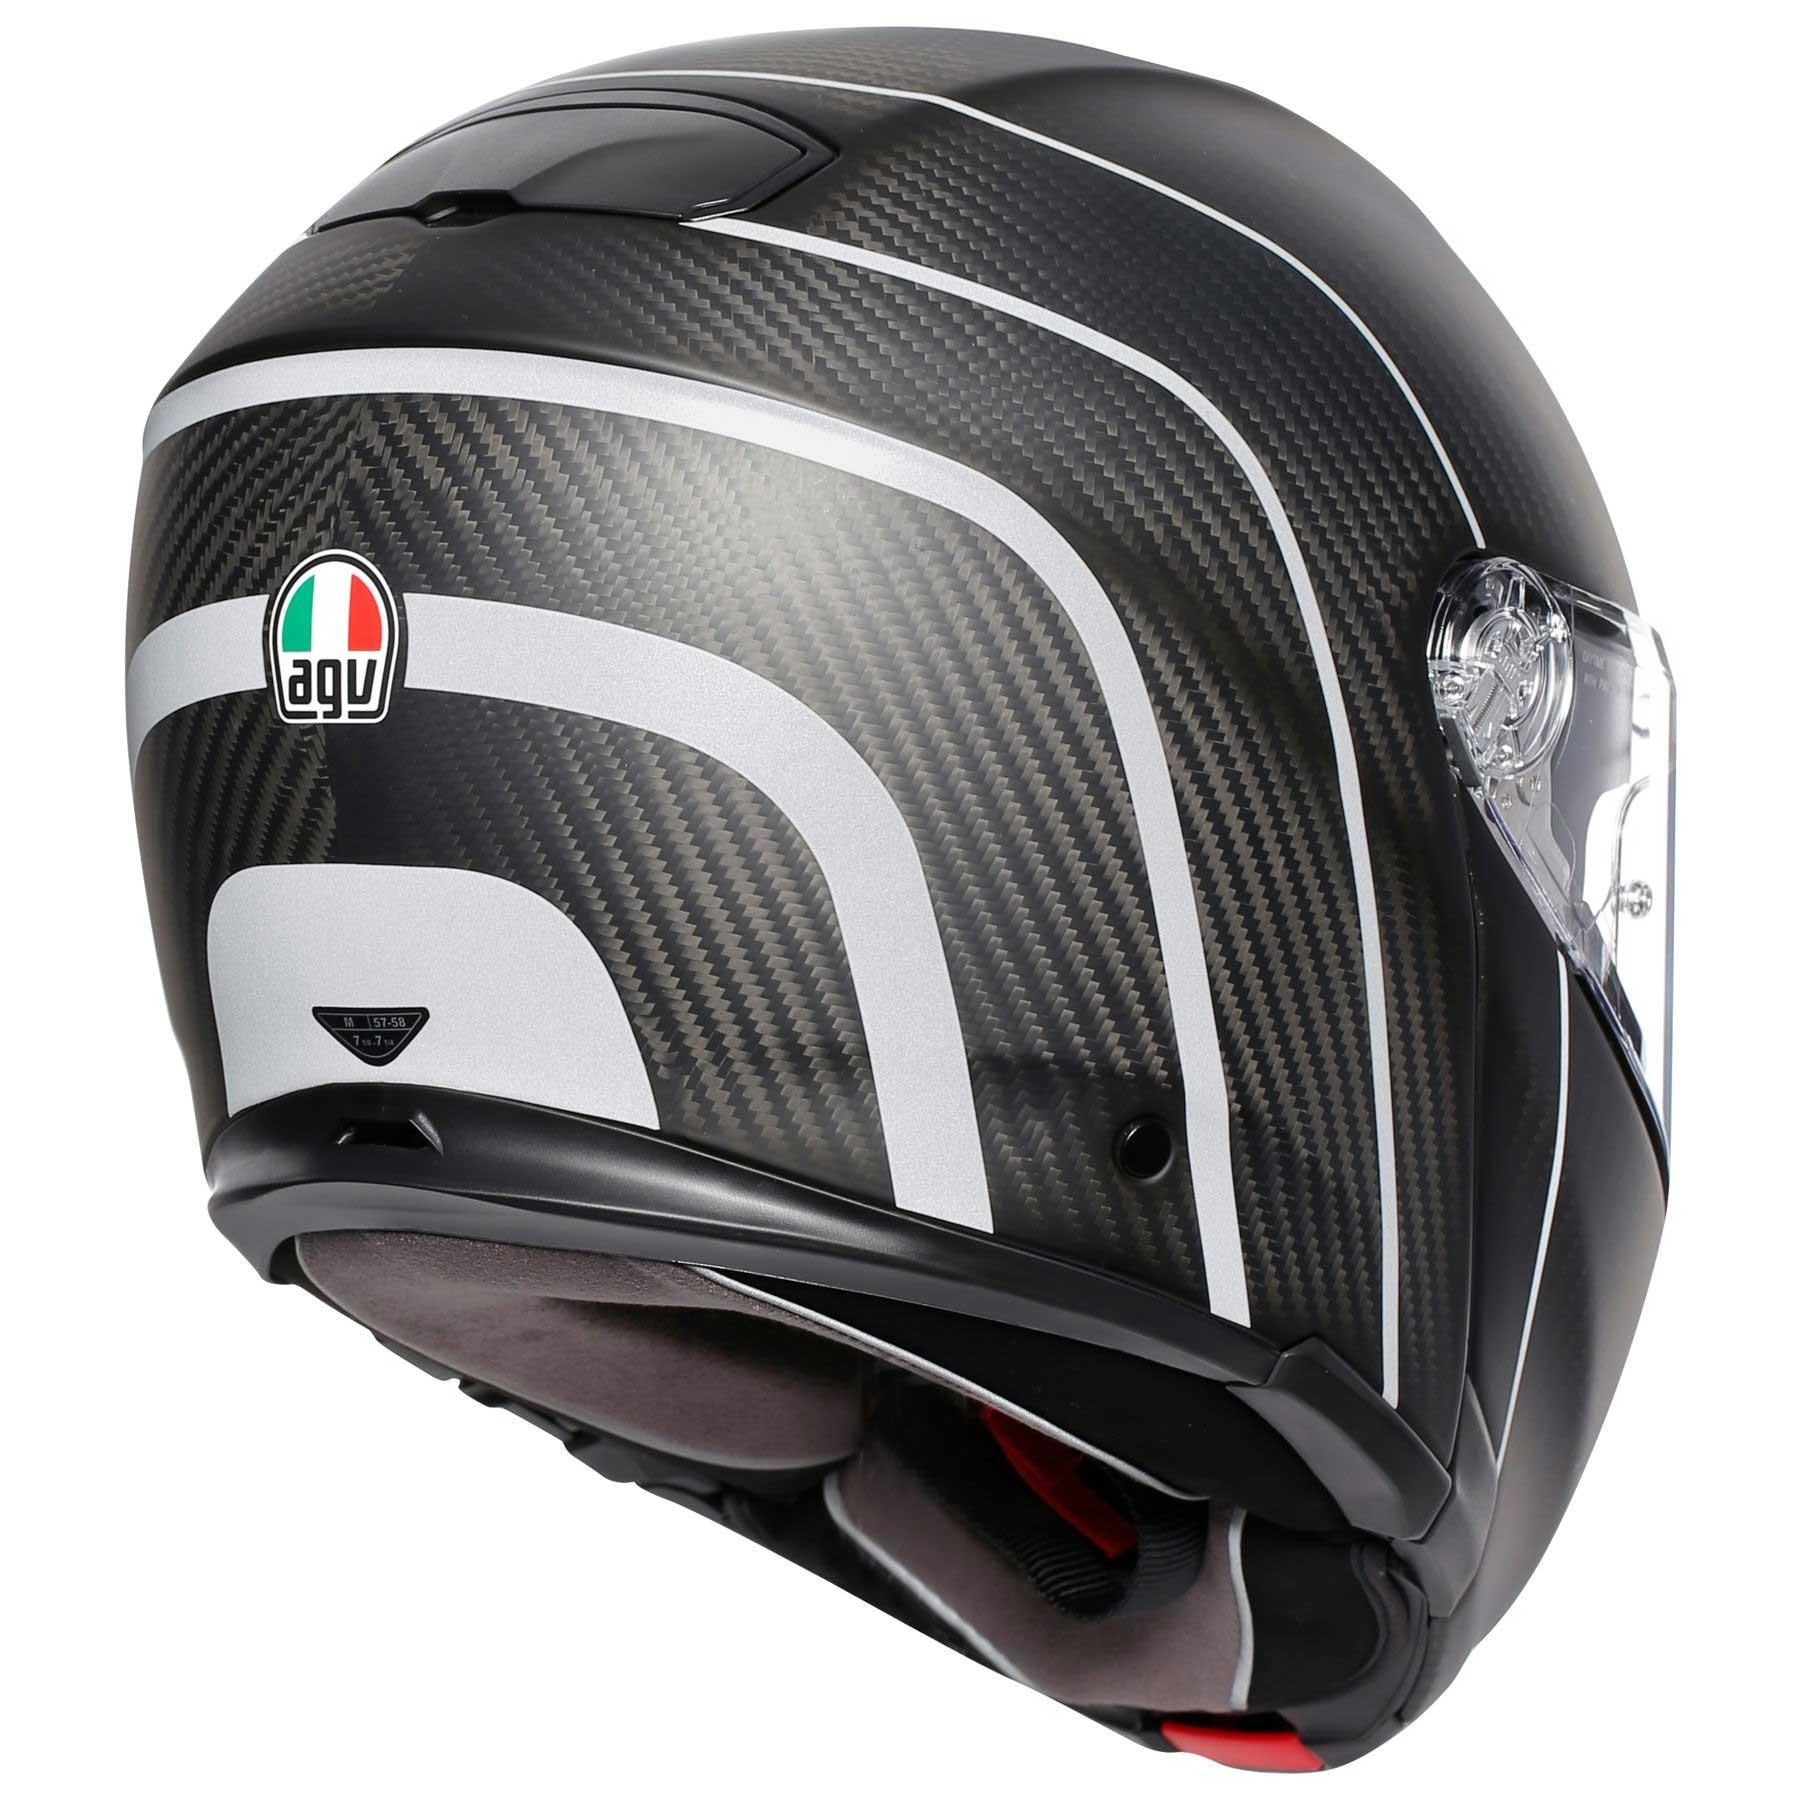 Agv Sportmodular Refractive Helmet Carbon Silver Ag 1201a2iy 009 Modular Helmets Motostorm